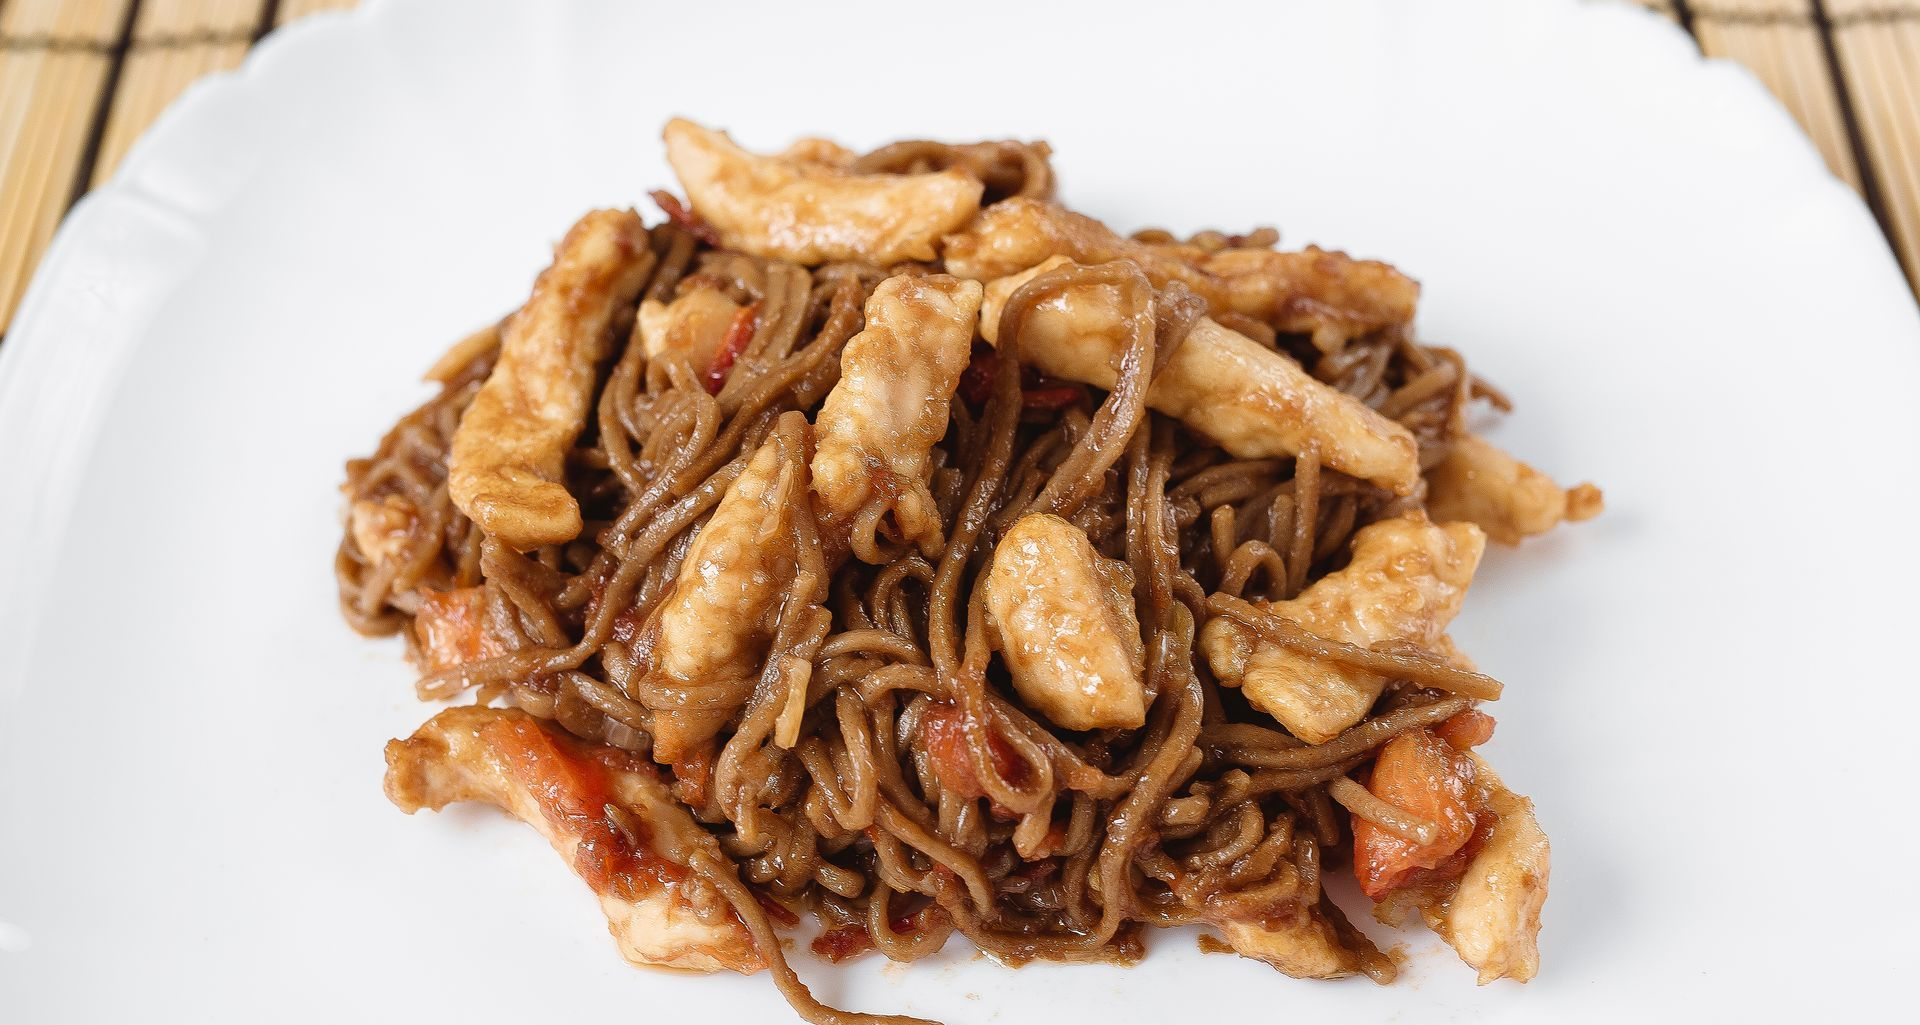 Гречневая лапша или соба: рецепты и тонкости приготовления